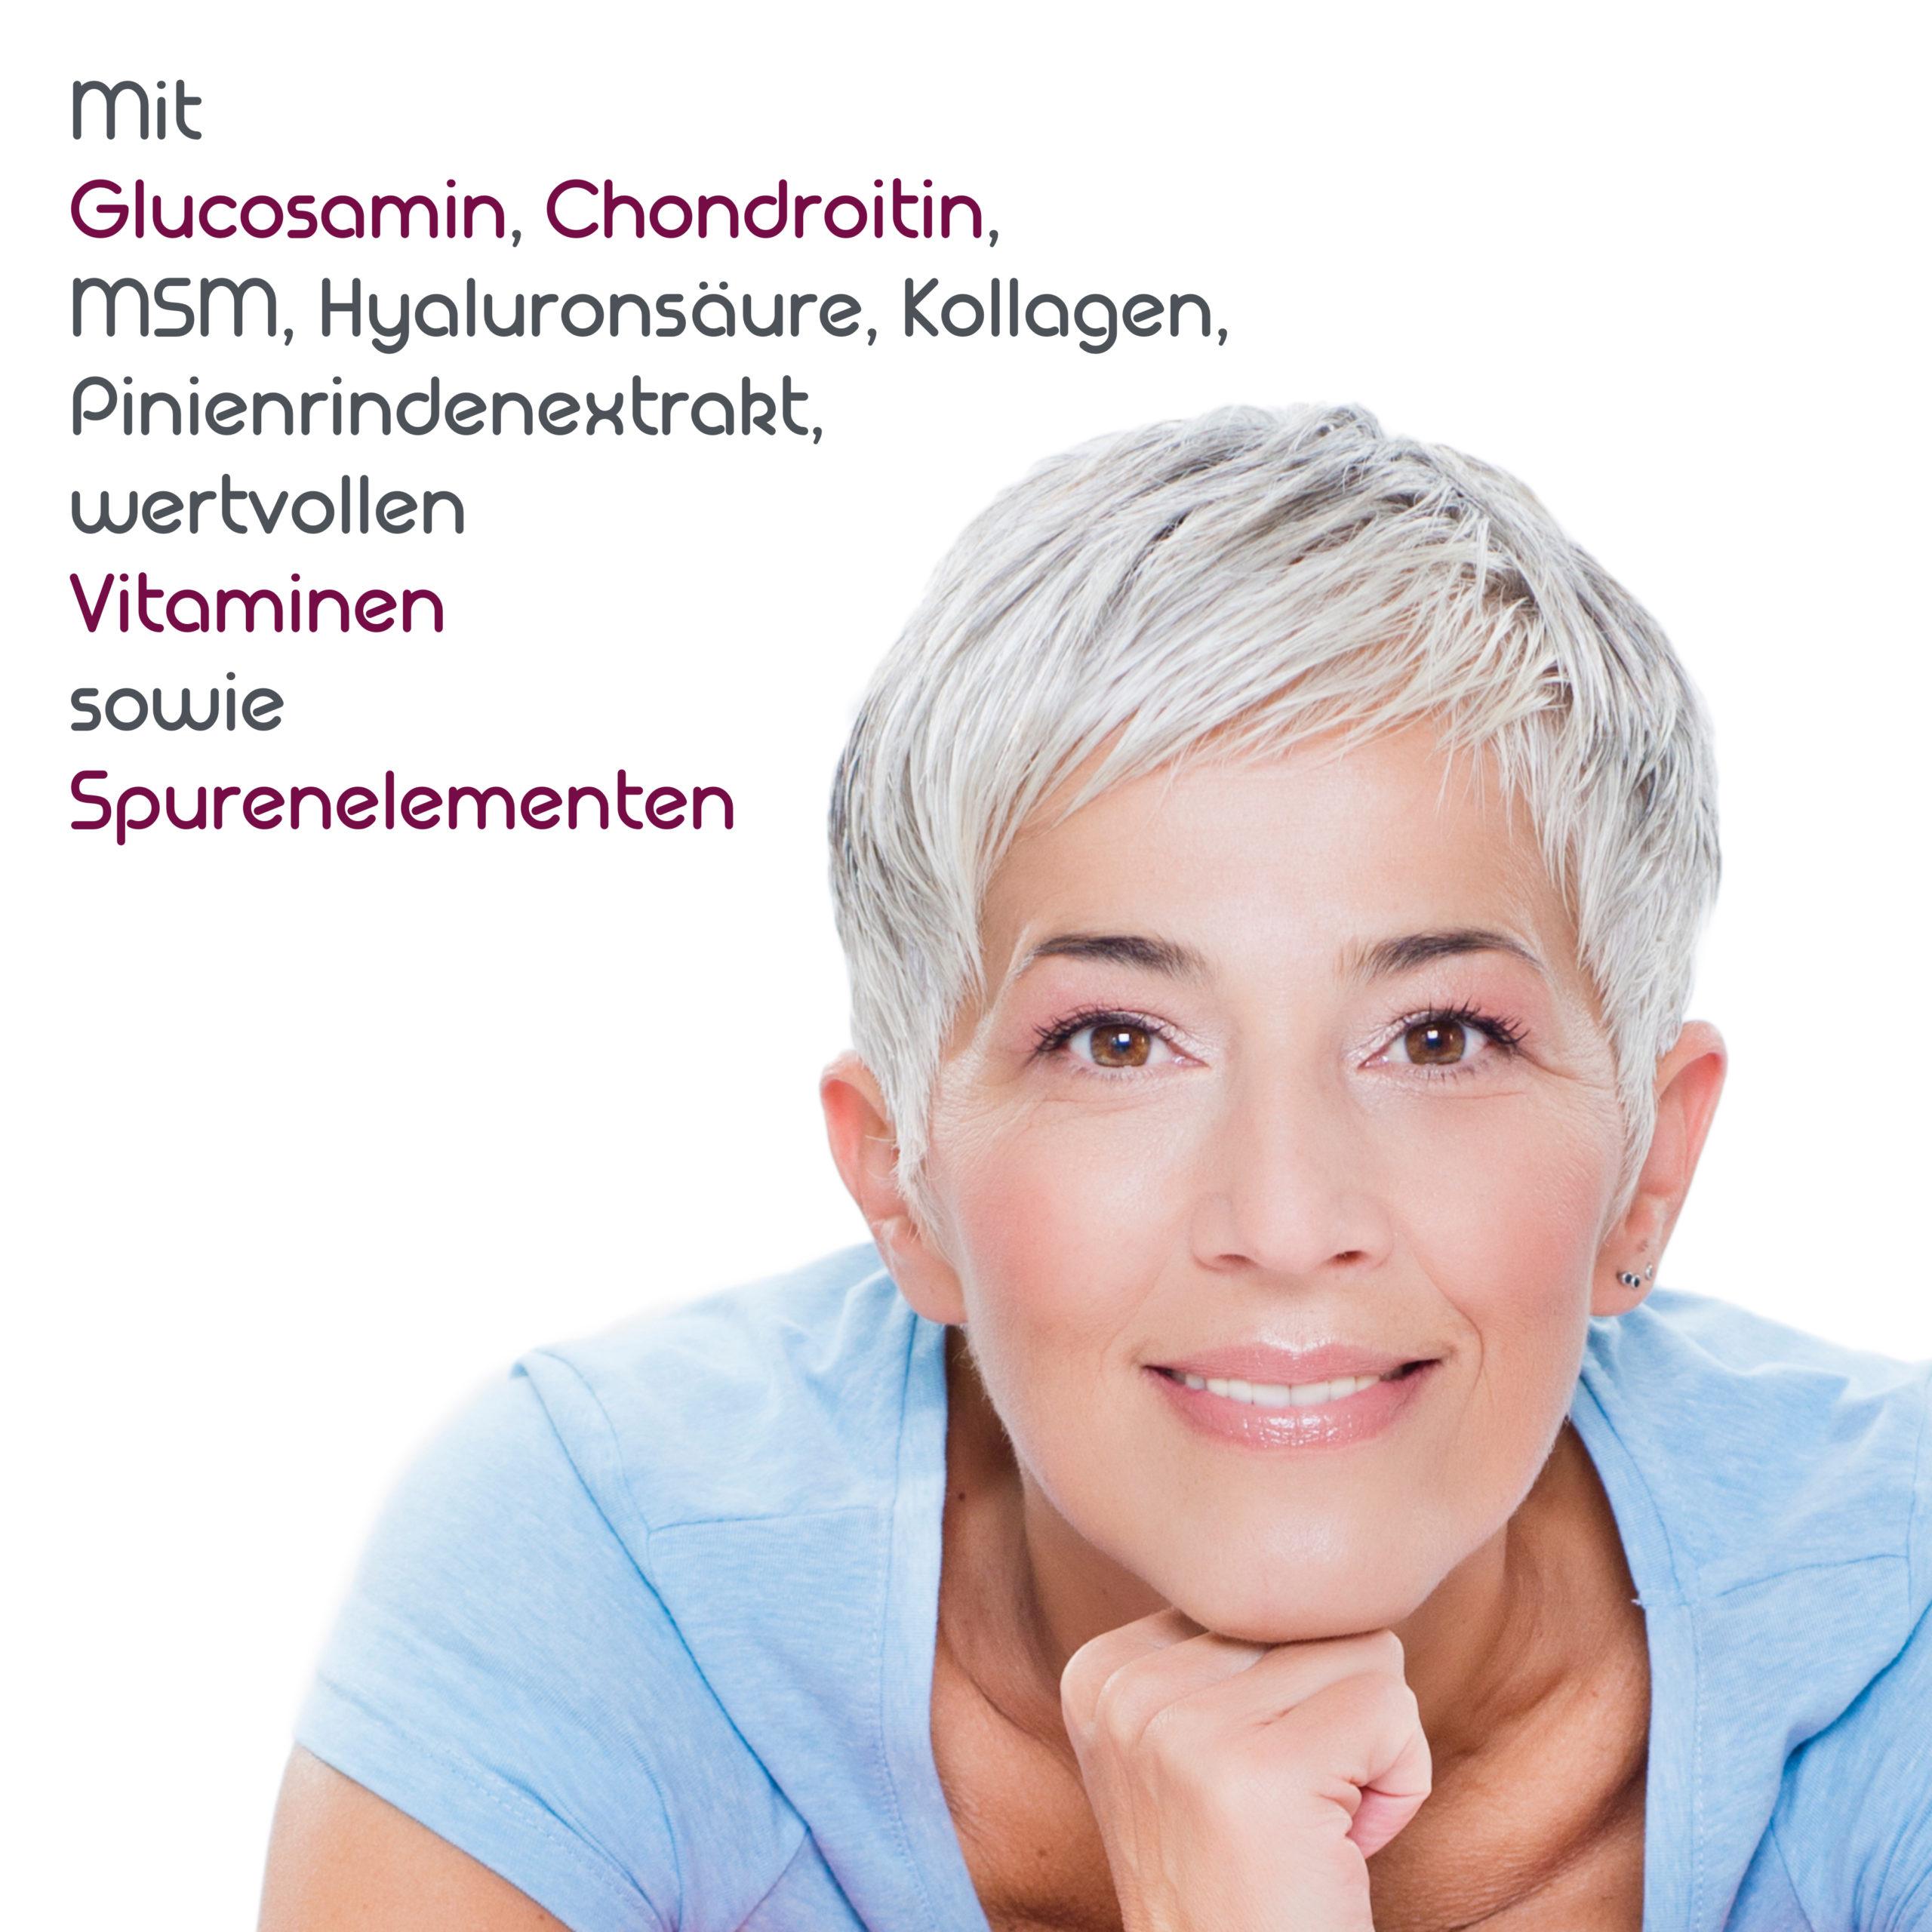 NRV Tabelle mit Glucosamin, Chondroitin, MSM, Hyaluronsäure, Kollagenhydrolysat, Pinienrindenextrakt, Vitaminen und Spurenelementen